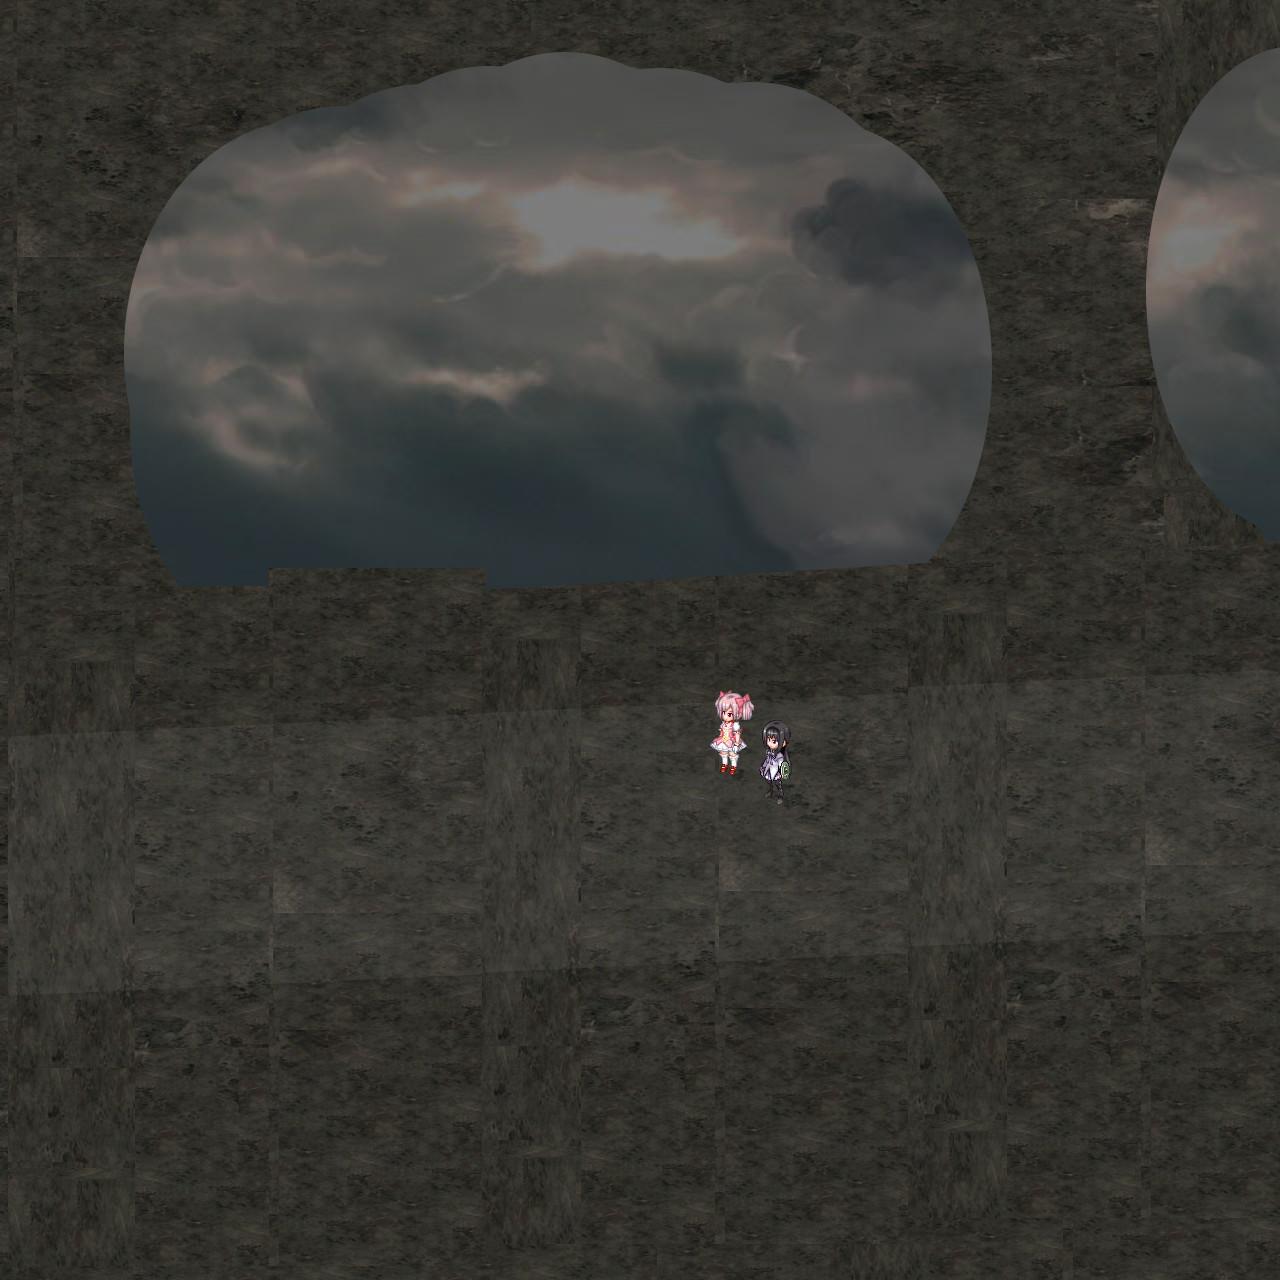 ワルプルギスの夜背天空の戦い59